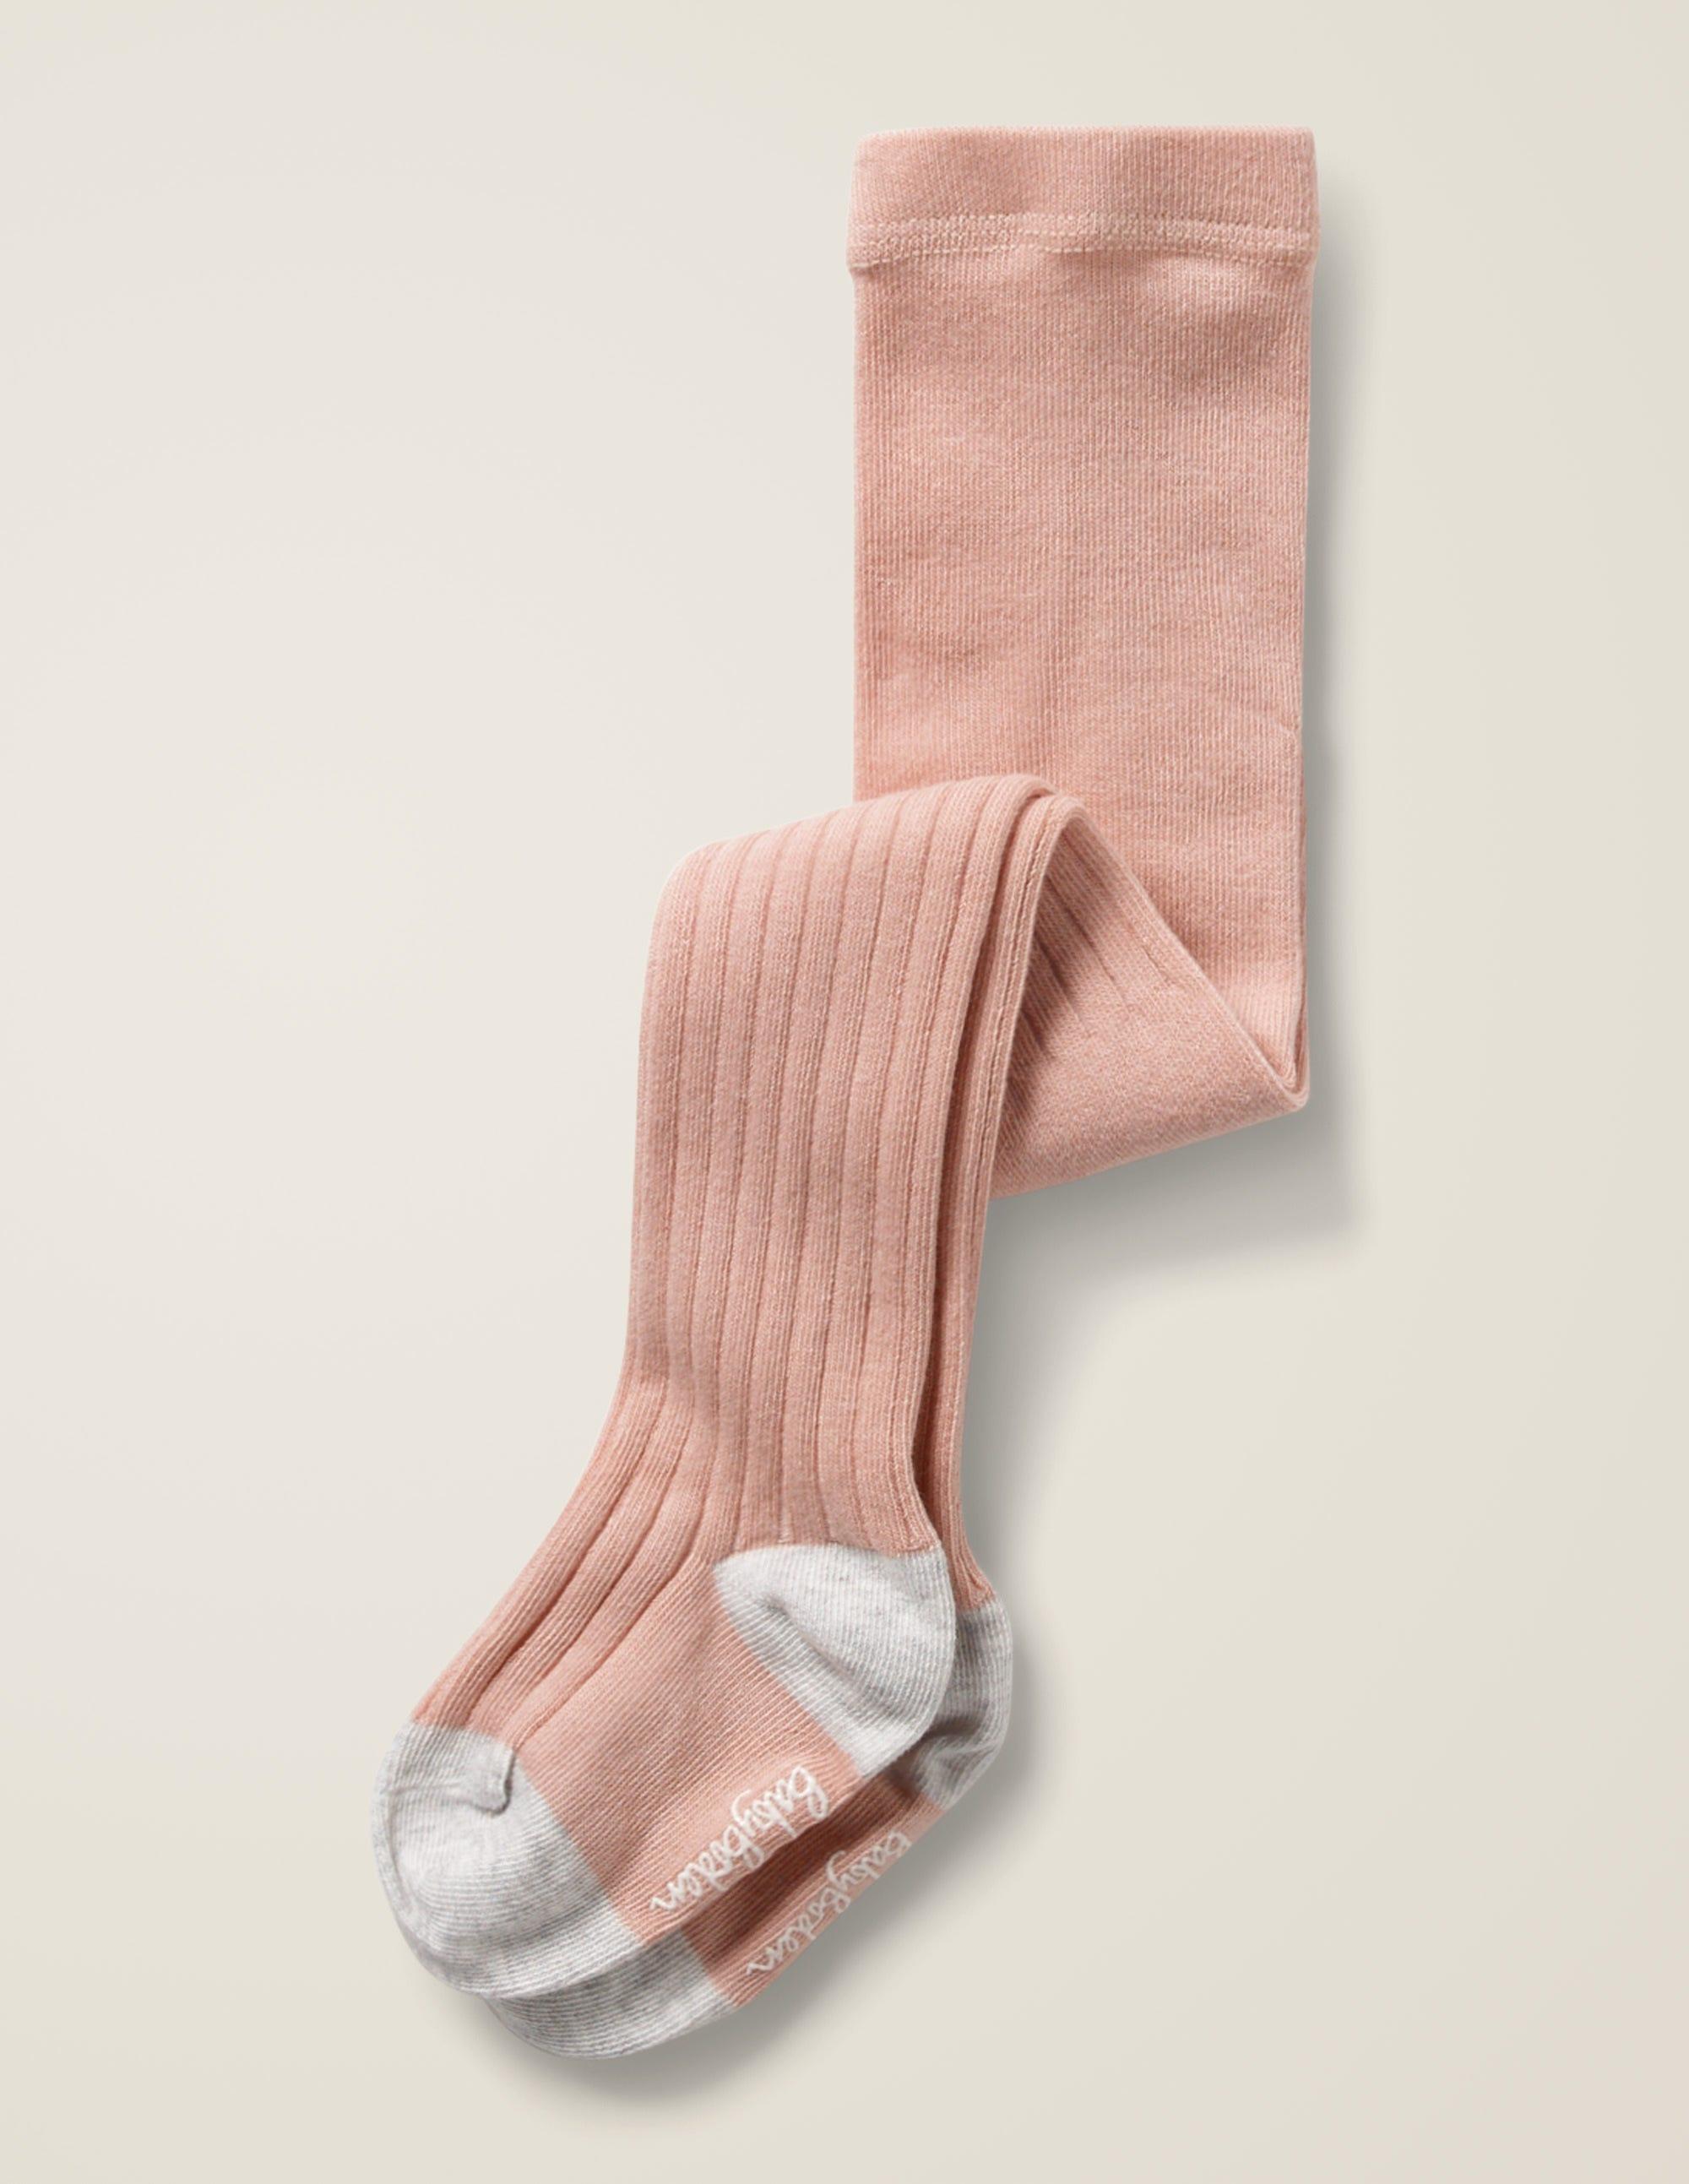 Collant côtelé PNK Bébé Boden, Pink